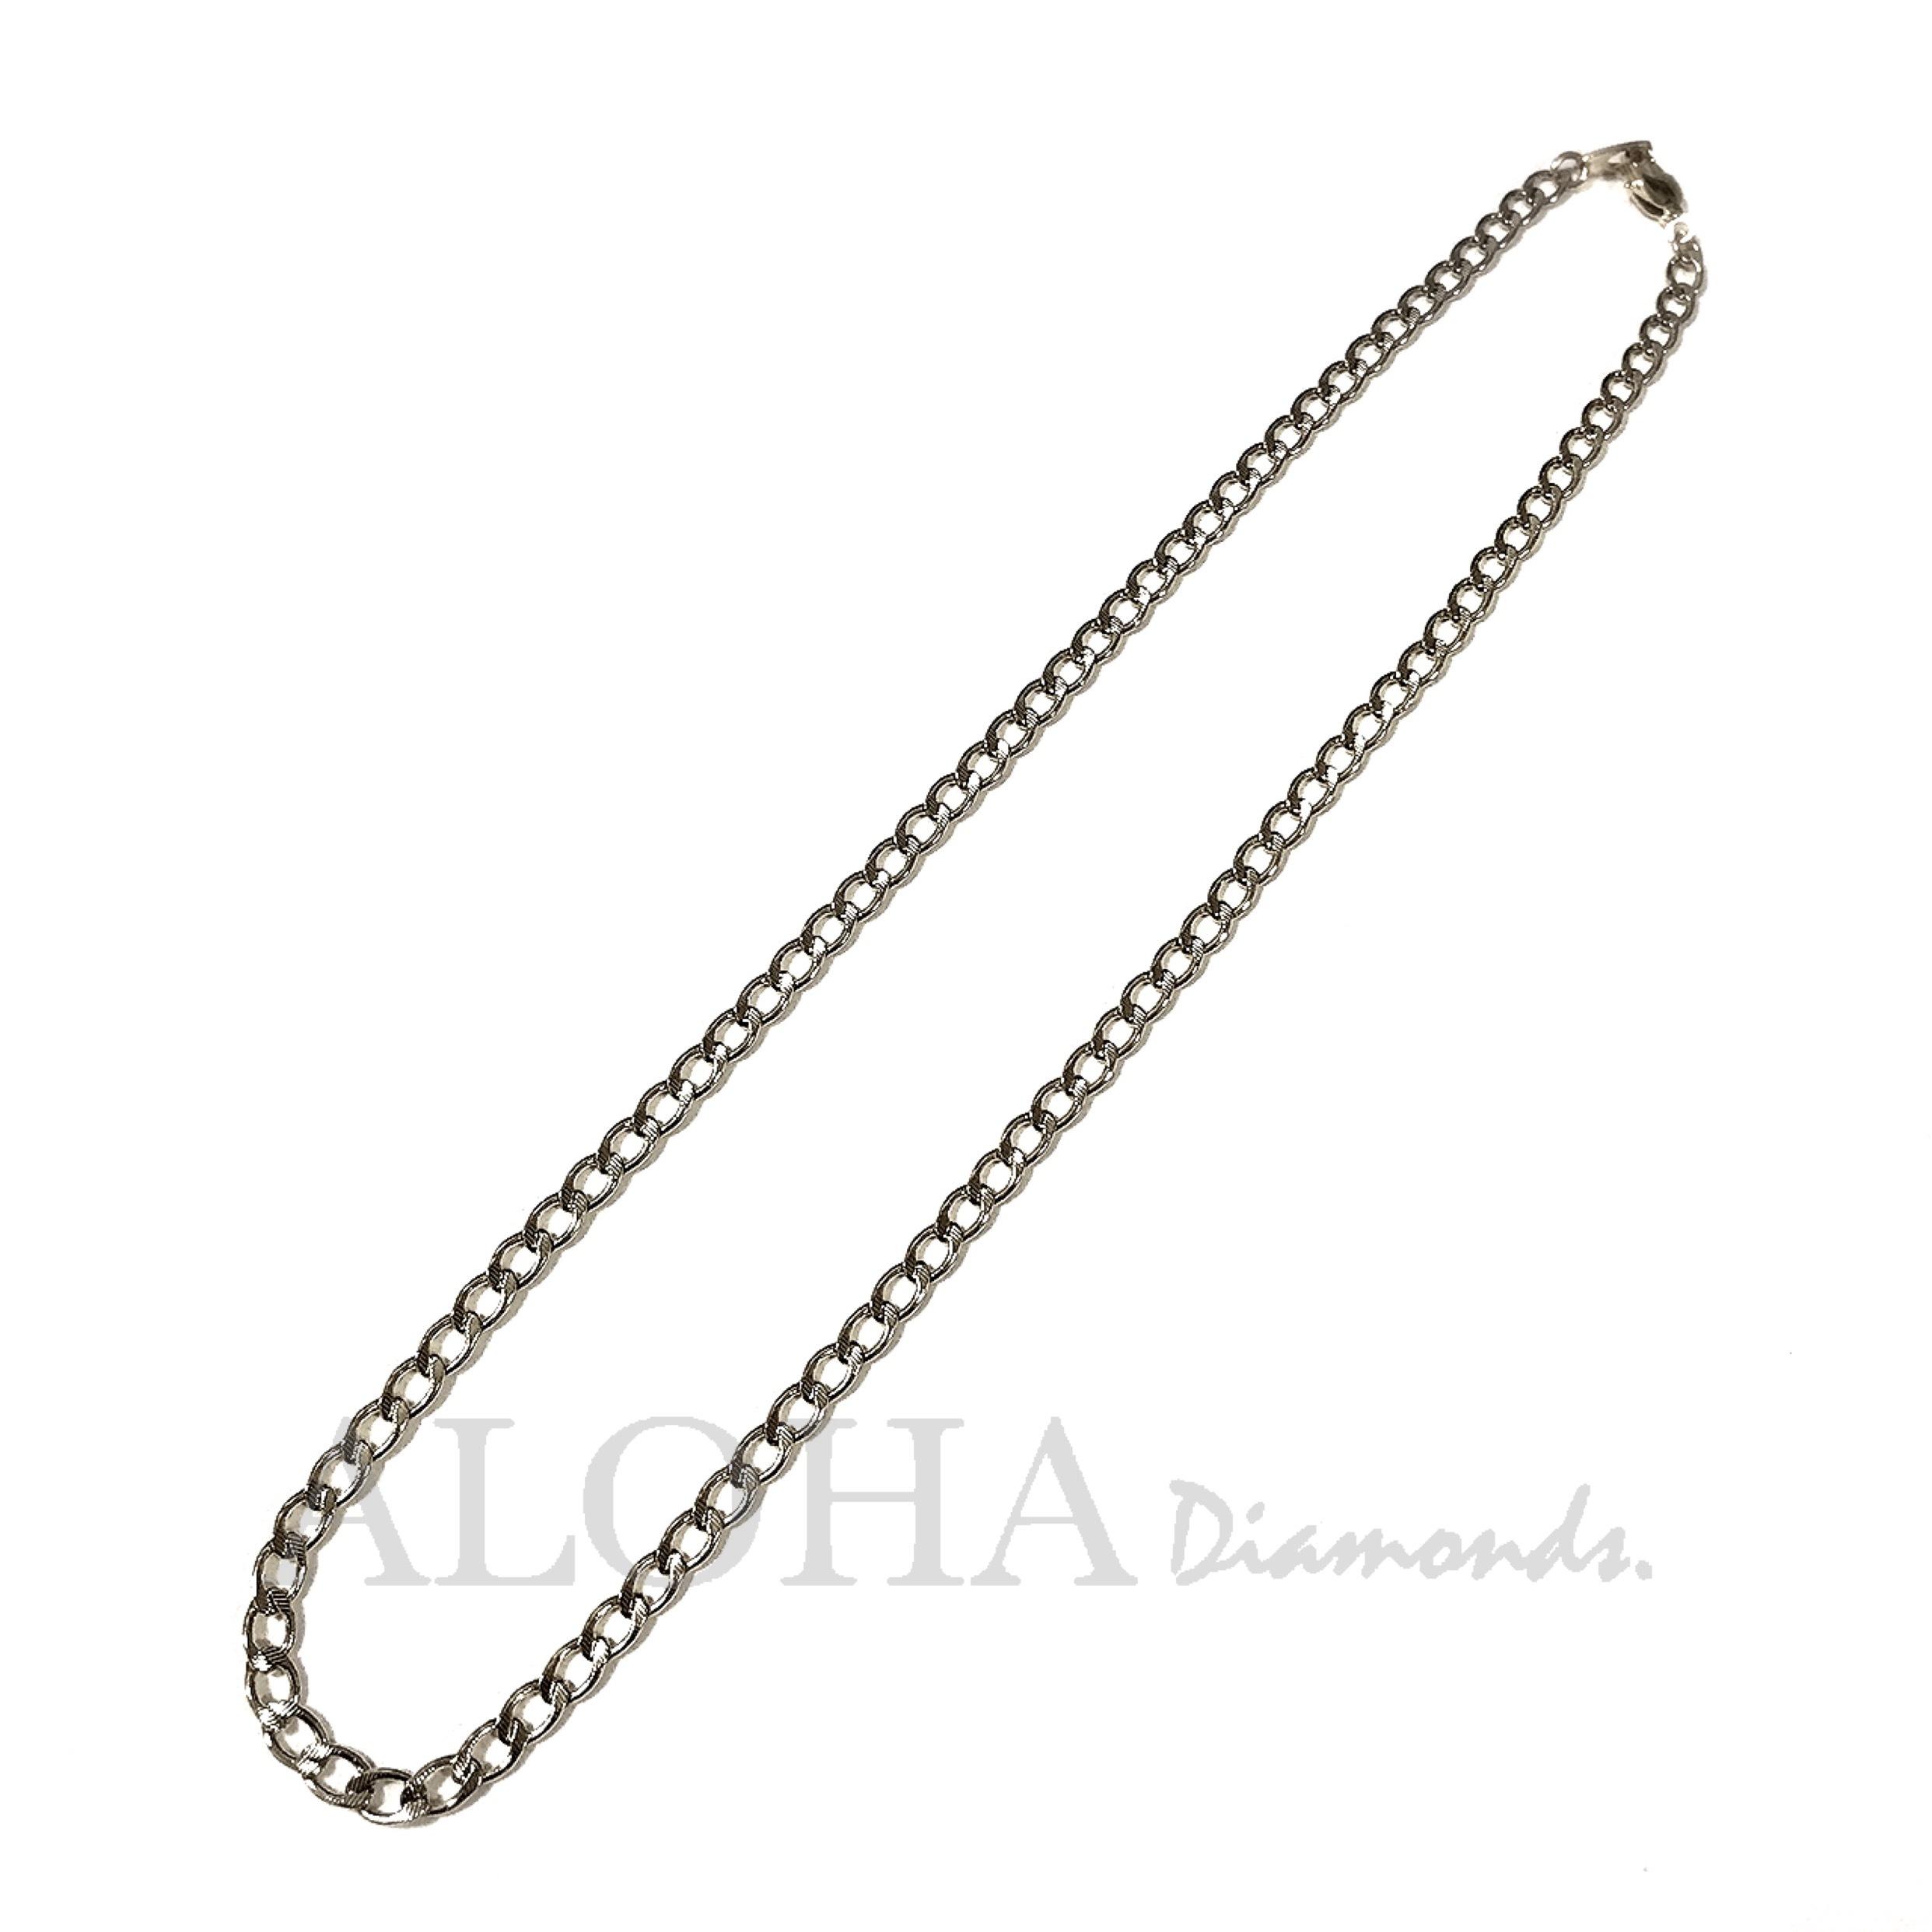 ✴︎✴︎✴︎The chain - No.5 ✴︎✴︎✴︎シルバー/ネックレス 51cm(ネックレス単品)